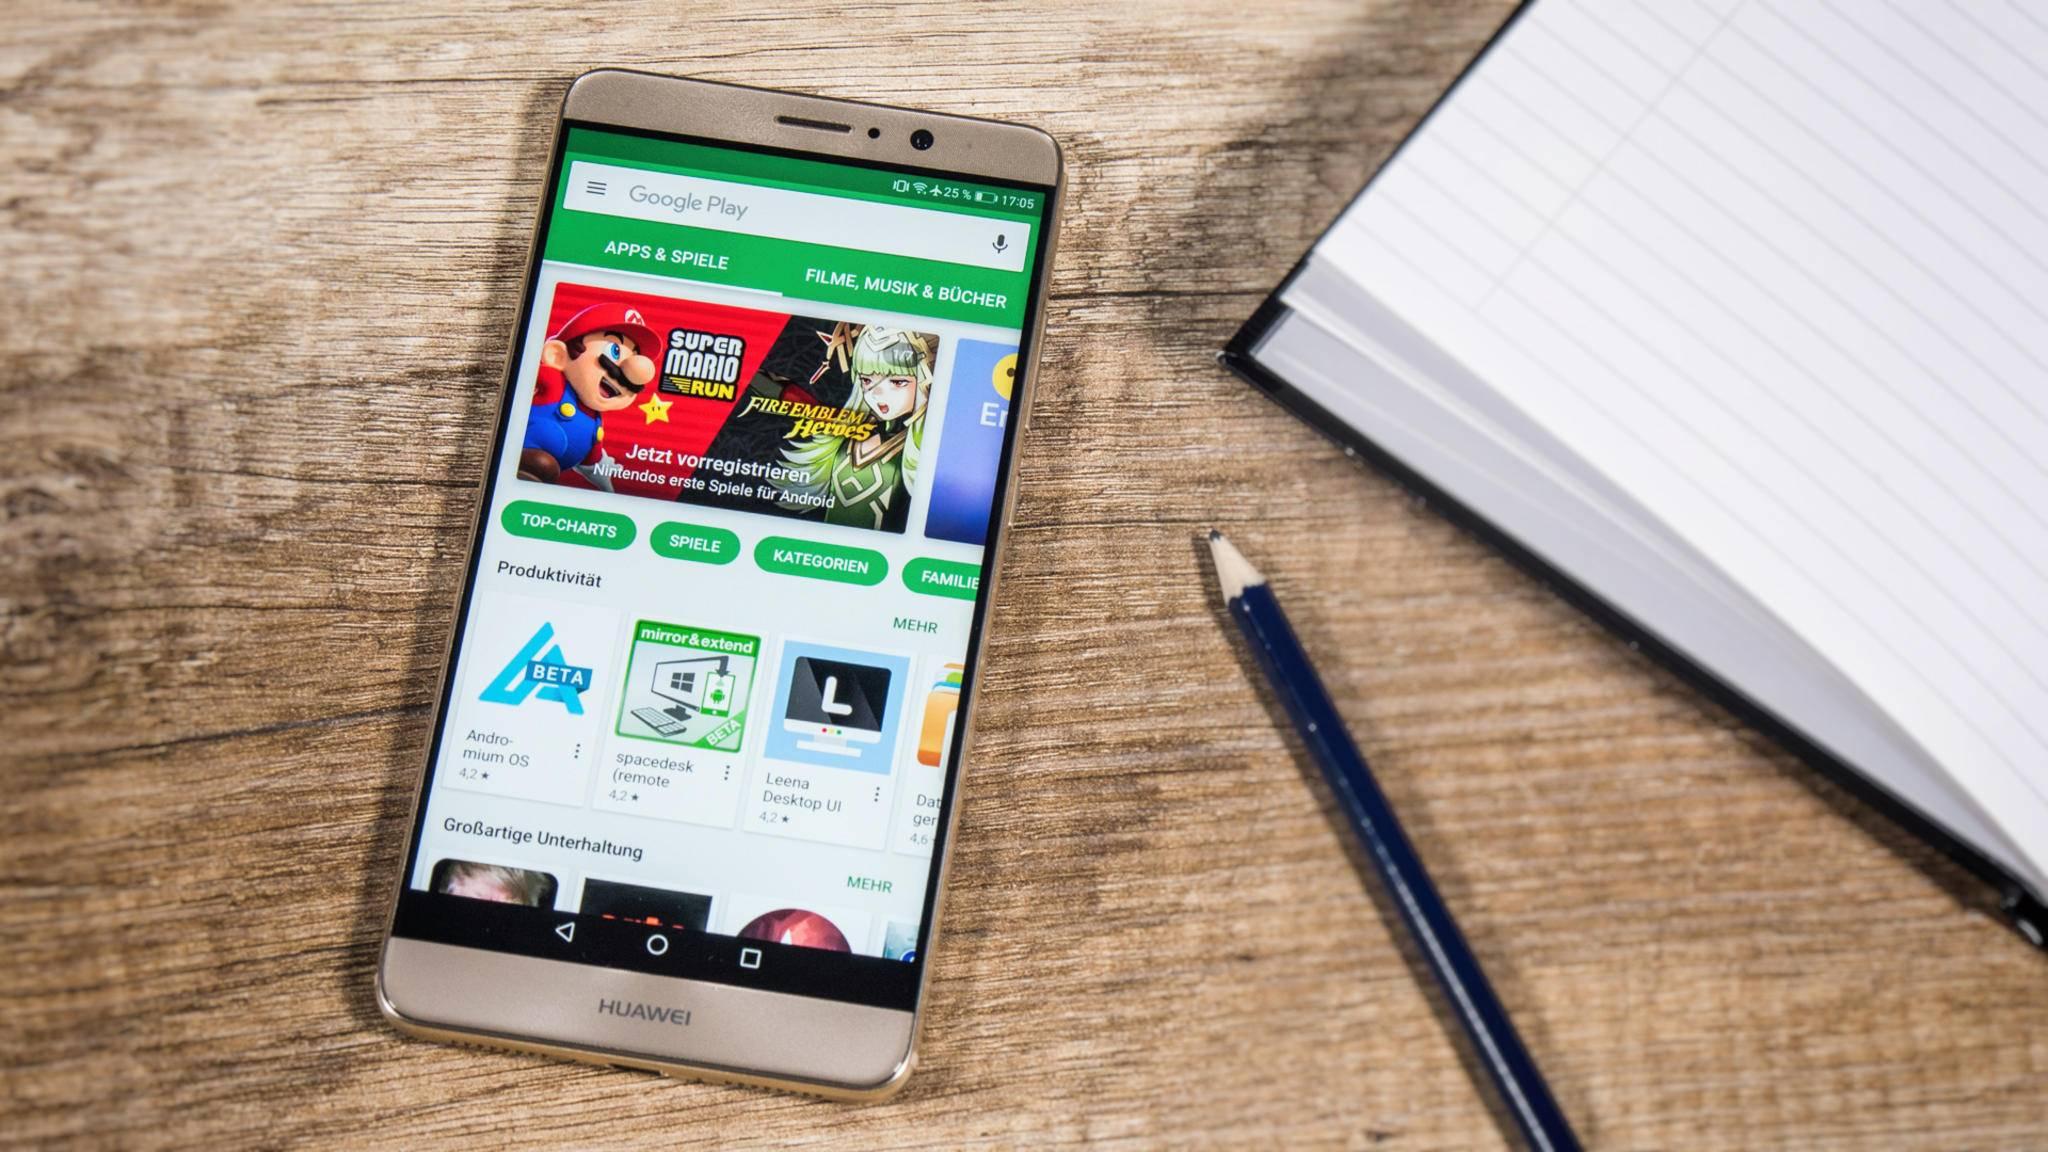 Bei vielen Problemen im Google Play Store hilft das Löschen des Caches und der App-Daten.